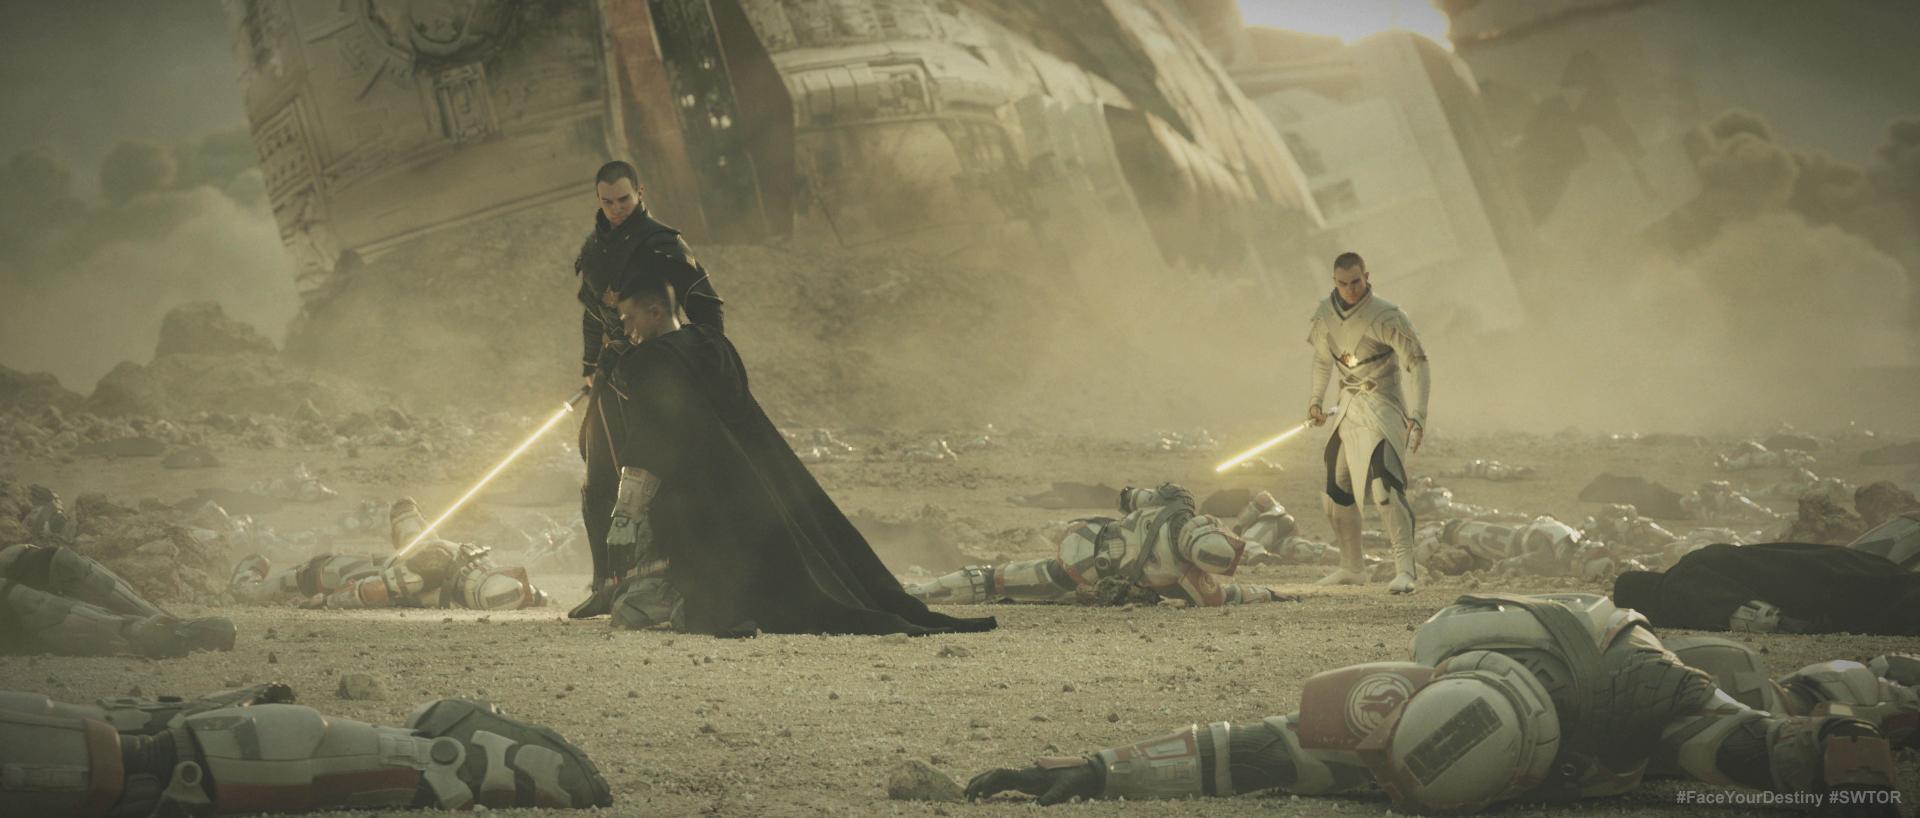 Star wars republic commando order 66 - 12d0e